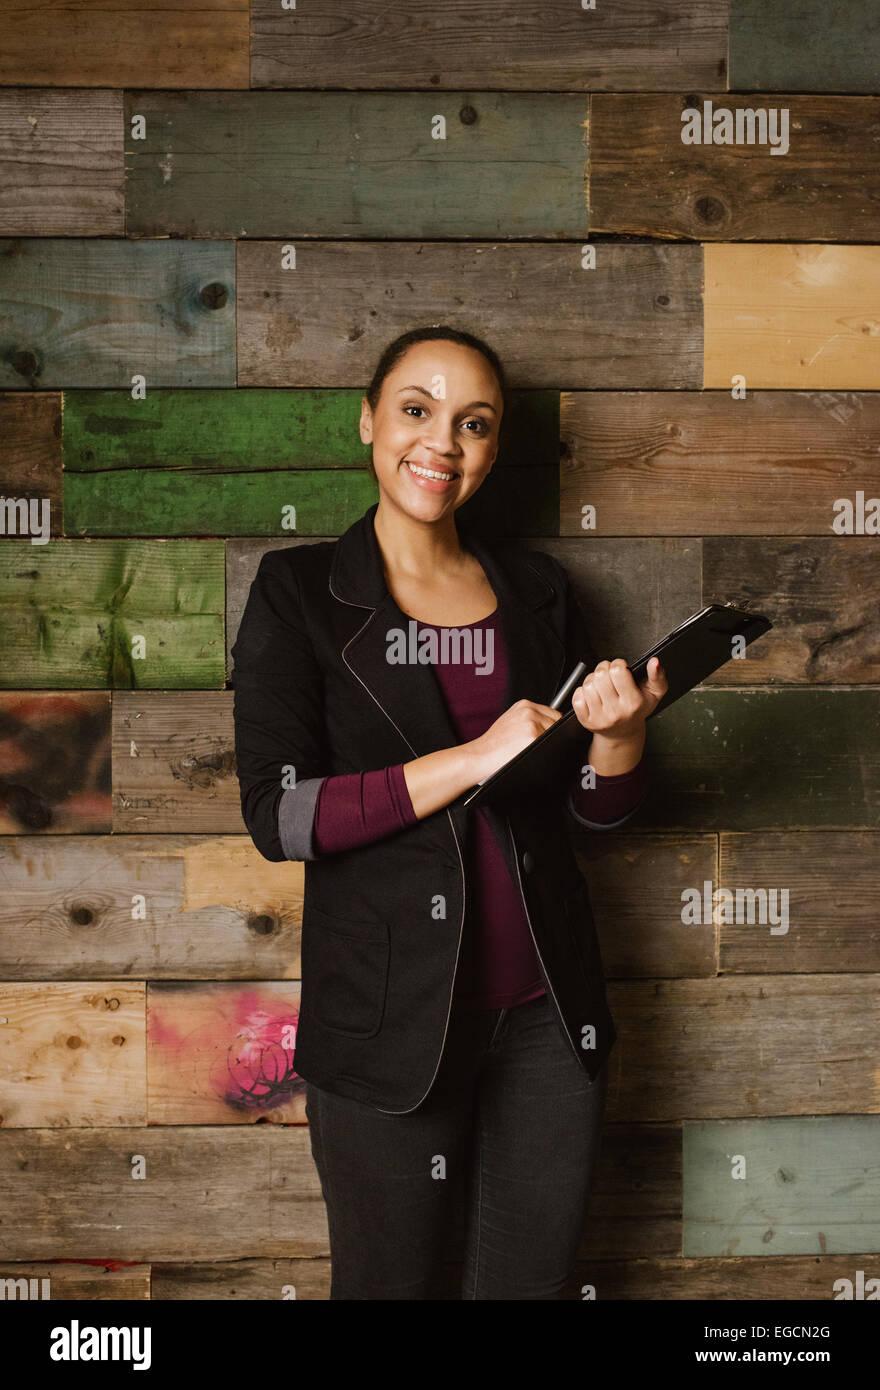 Retrato de mujeres jóvenes y atractivas con un ejecutivo portapapeles de pie contra una pared de madera en Imagen De Stock